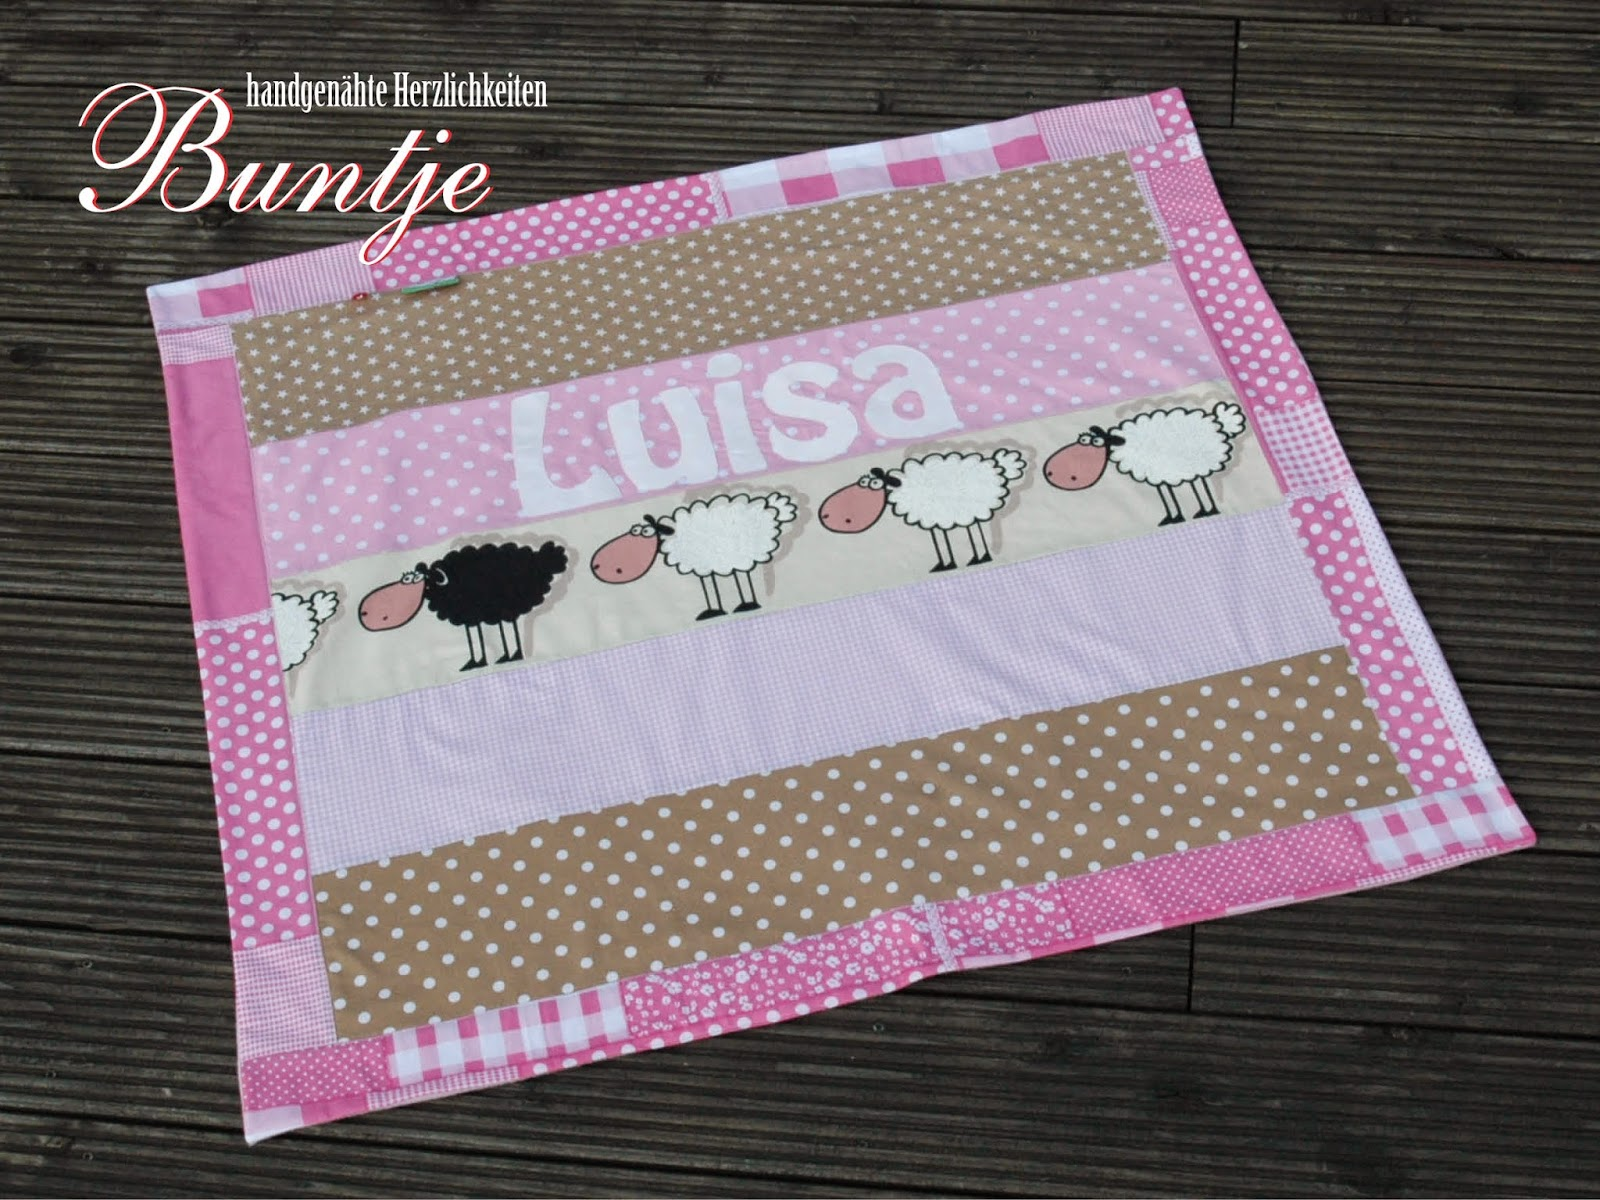 Krabbeldecke Kuscheldecke Decke Baby Name Geschenk Geburt Taufe Mädchen rosa beige taupe hellbraun Schafe Tiere Luisa Fleece Baumwolle Buntje nähen